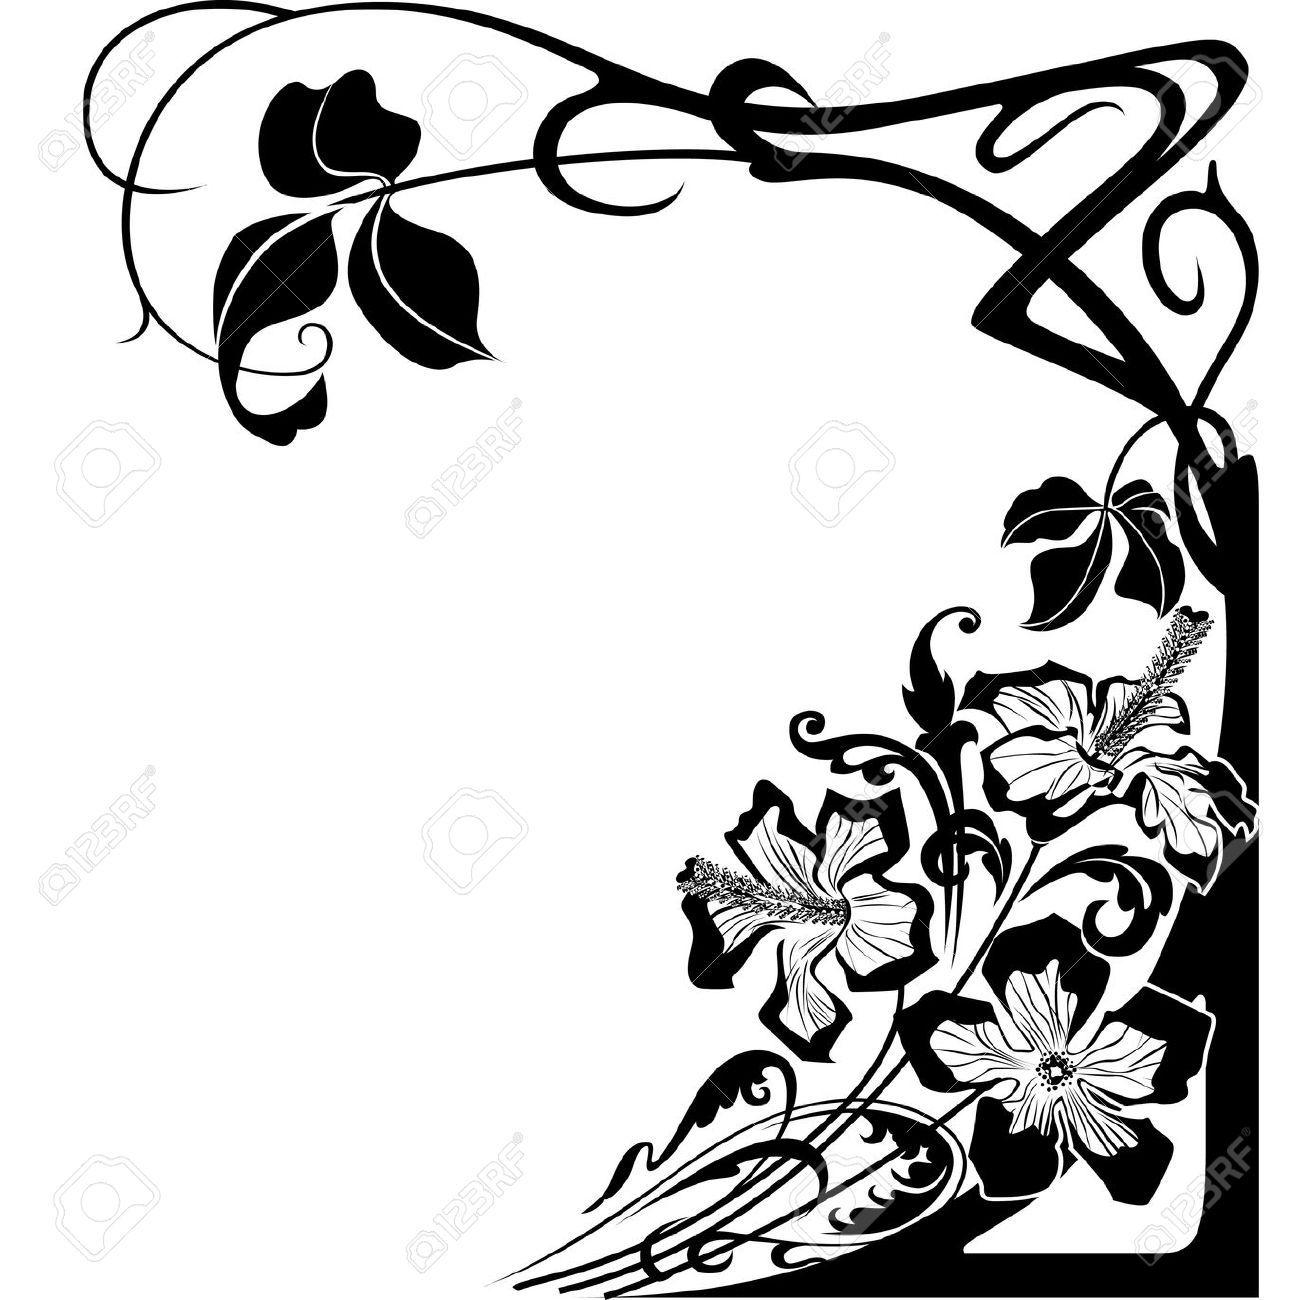 Art Nouveau Images, Stock Pictures, Royalty Free Art Nouveau.